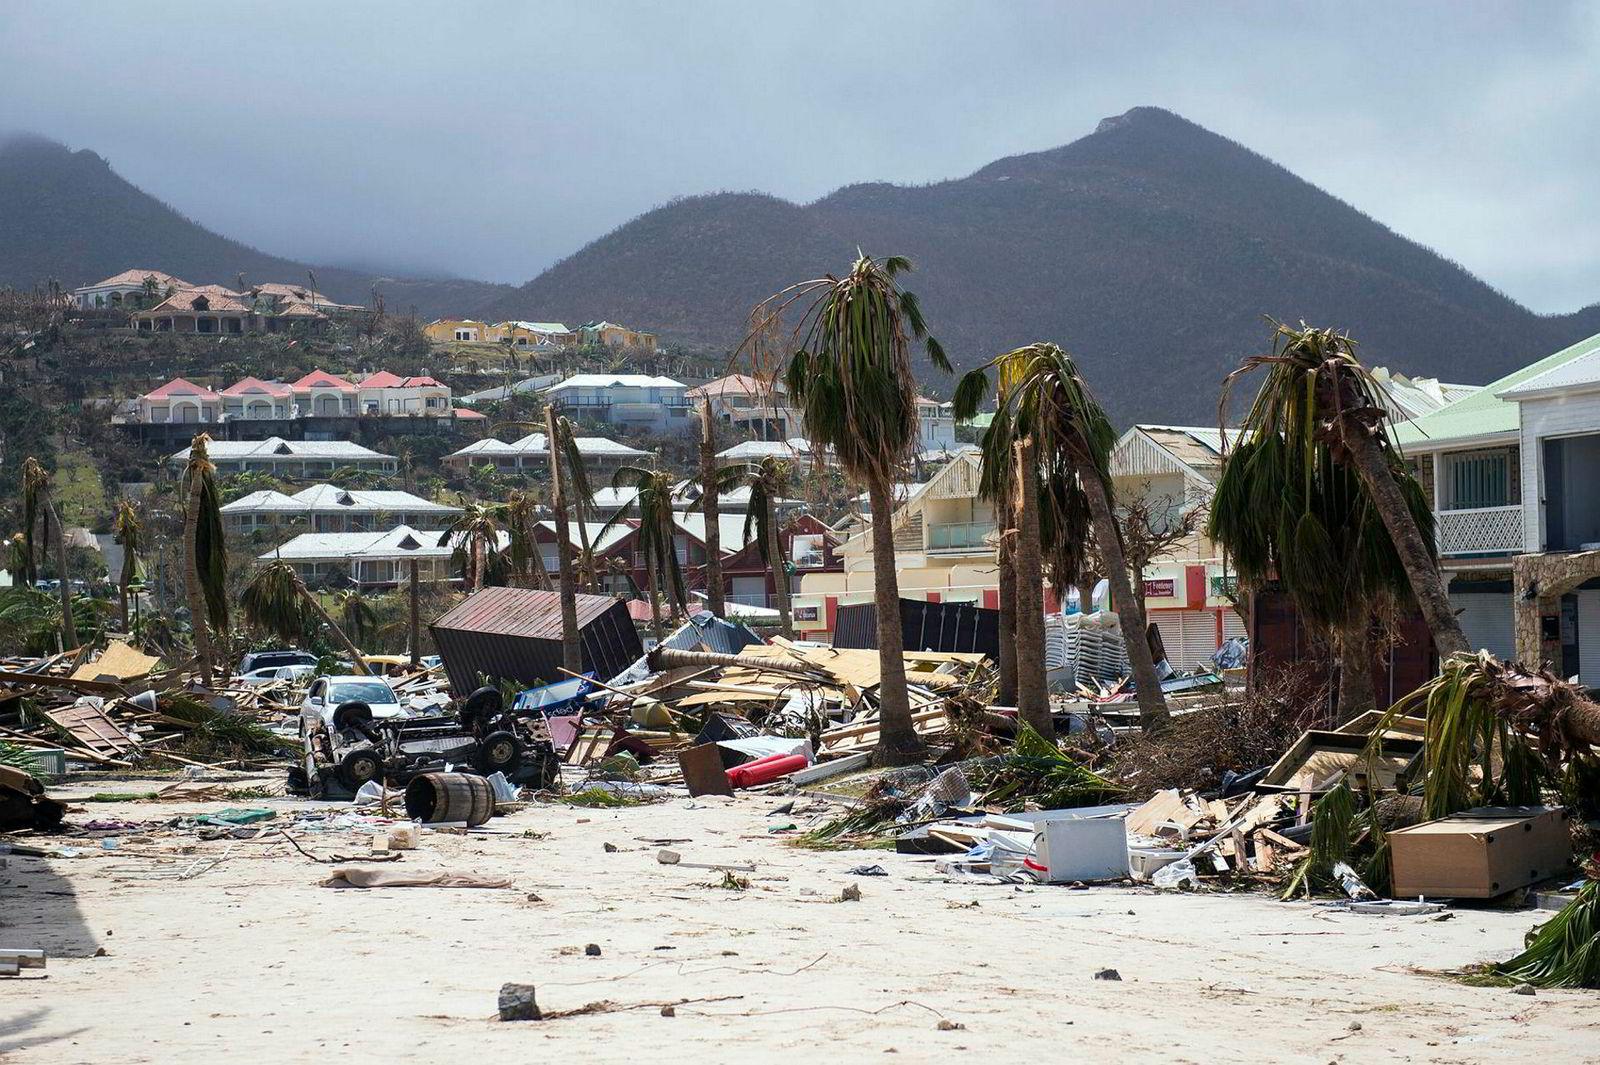 Slik ser det ut flere steder på det karibiske ferieparadiset St. Martin, en øy som er delt i en fransk og nederlandsk del, etter stormen Irma. Her fra Orient Bay på den franske siden.